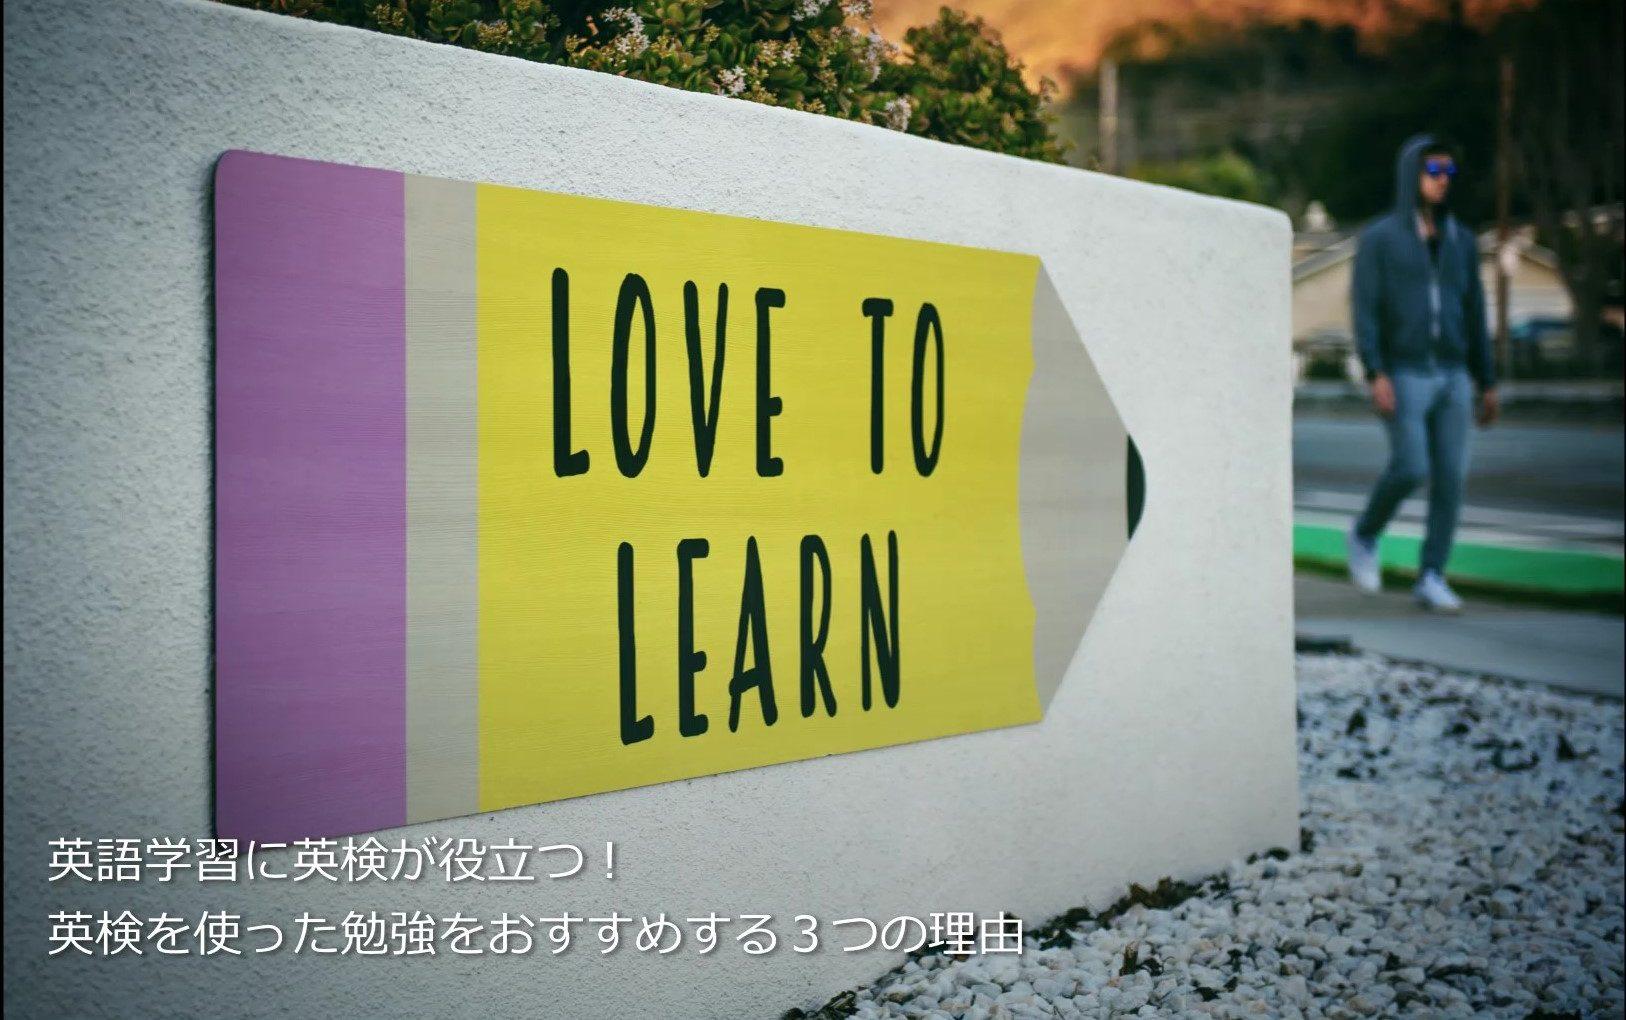 英語学習に英検が役立つ!英検を使った勉強をおすすめする3つの理由